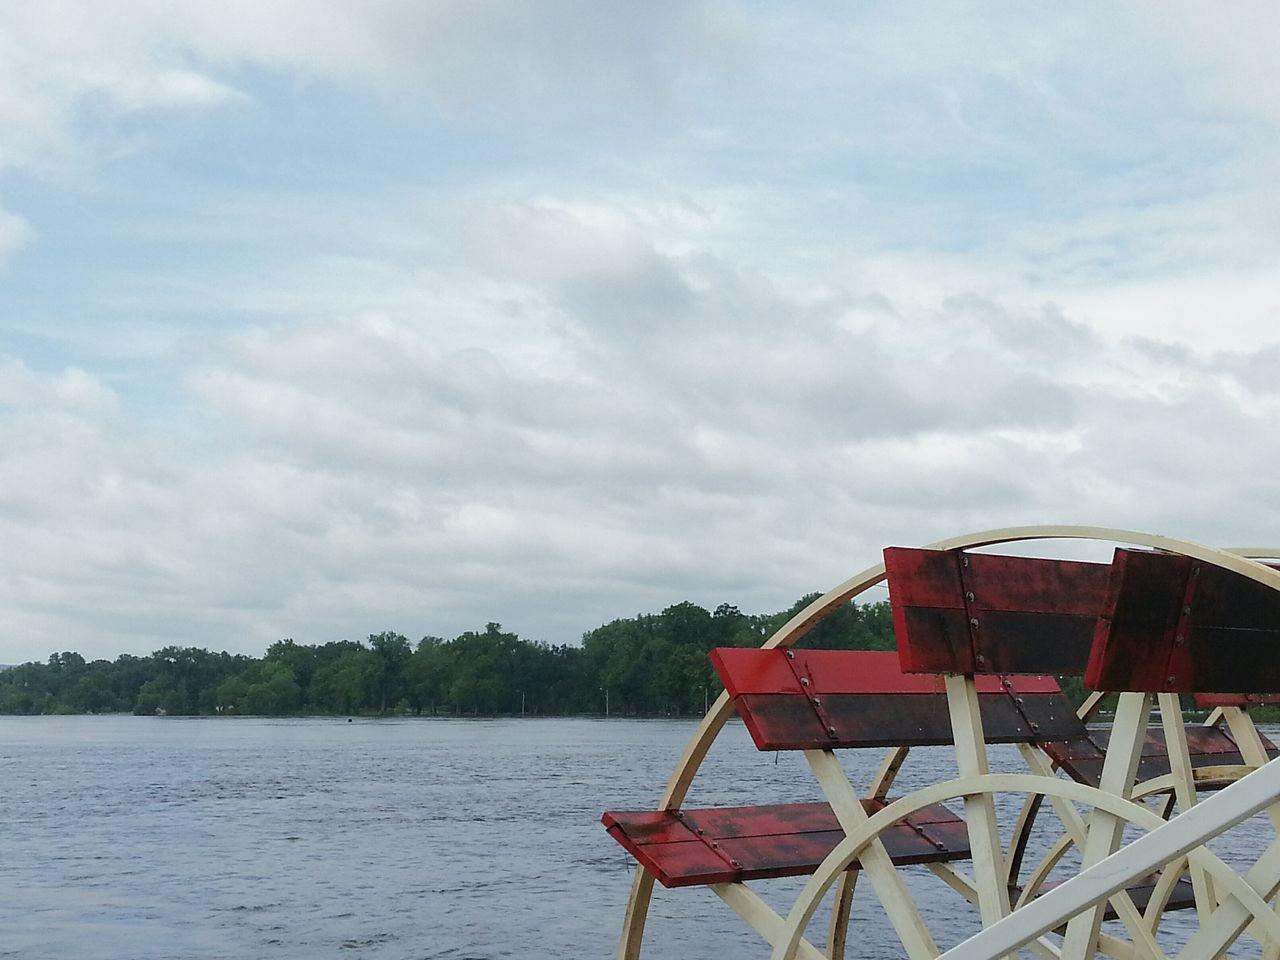 Propeller of boat in lake